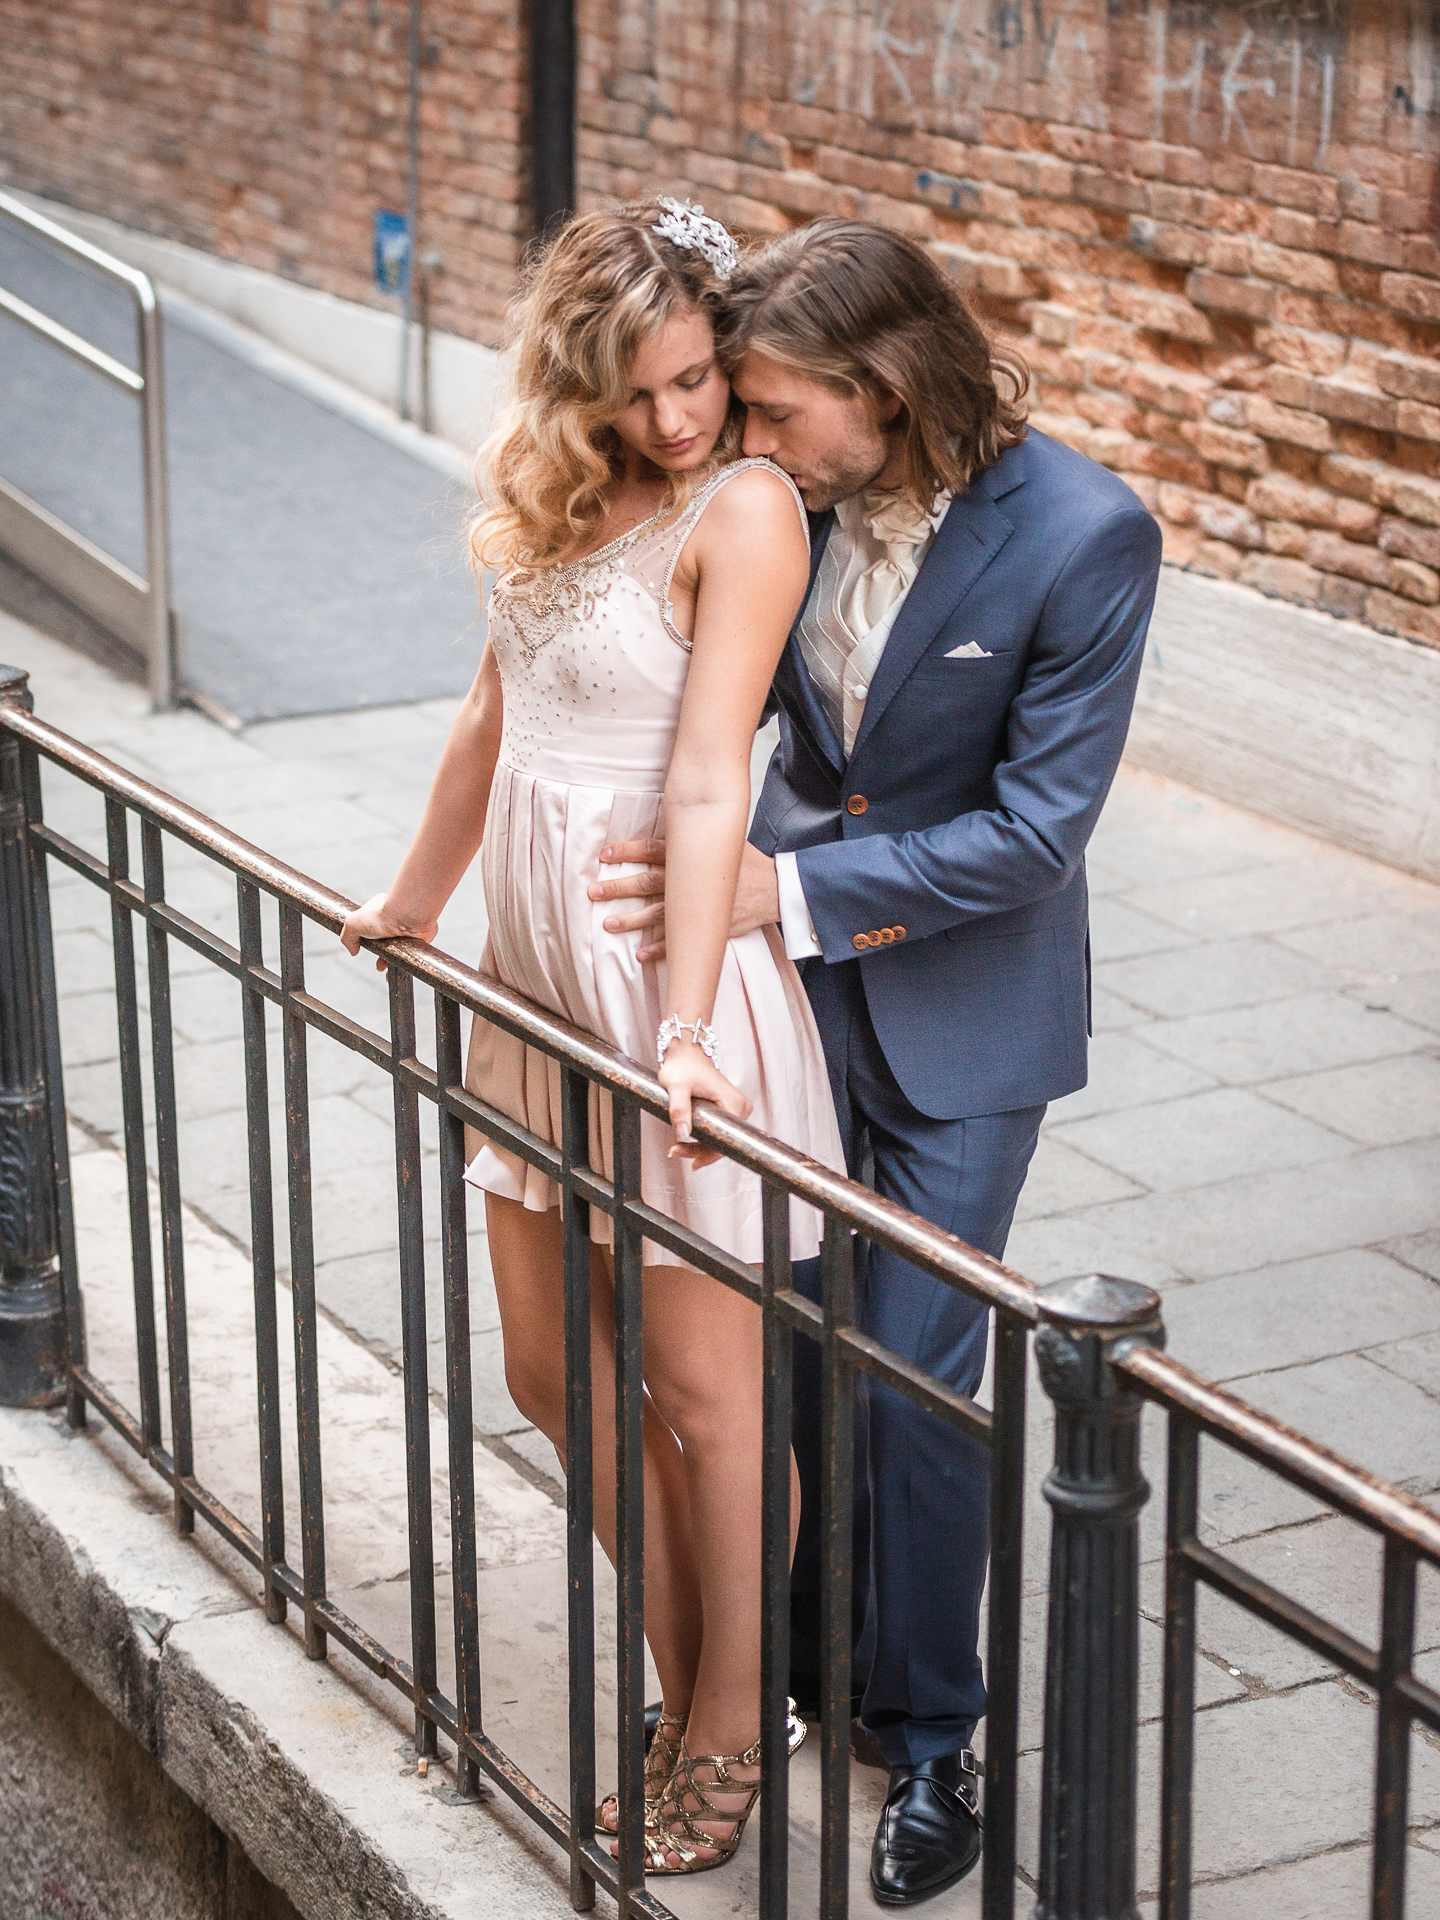 Italian Couple in Venice